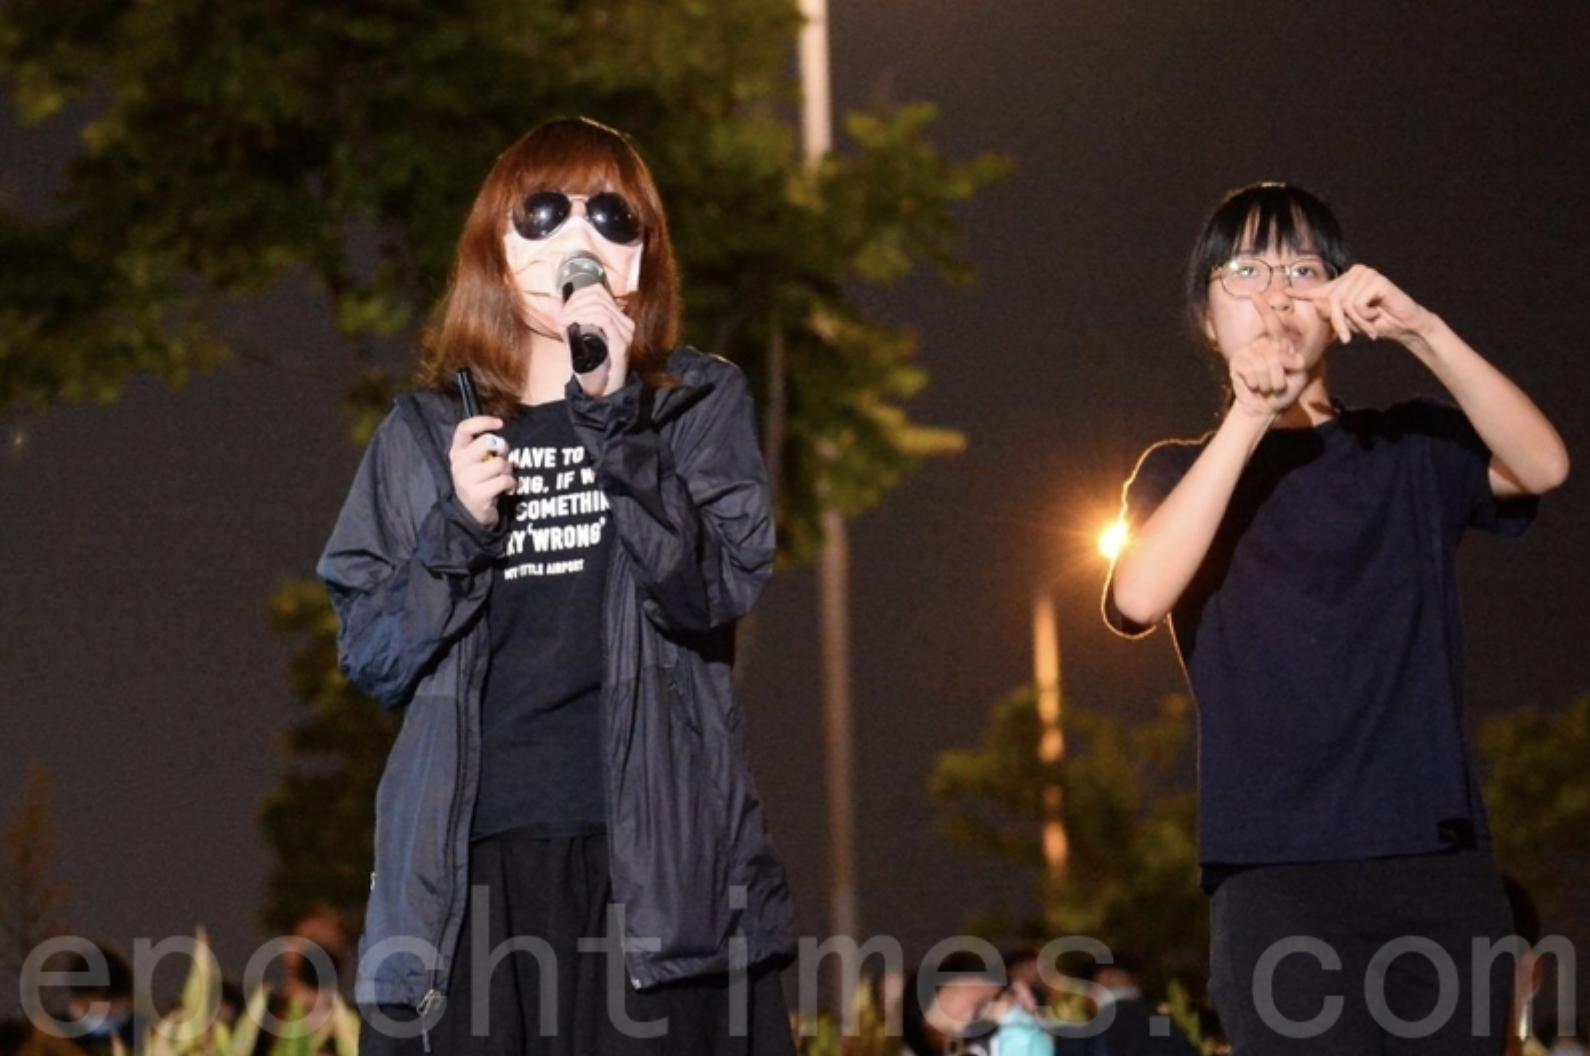 吳傲雪以化名S同學(左)出現在9月27日的中環集會上首次公開他的經歷,她是831嚴重傷者及被捕人士,曾到醫院、葵涌警署及新屋嶺。(大紀元圖片庫)